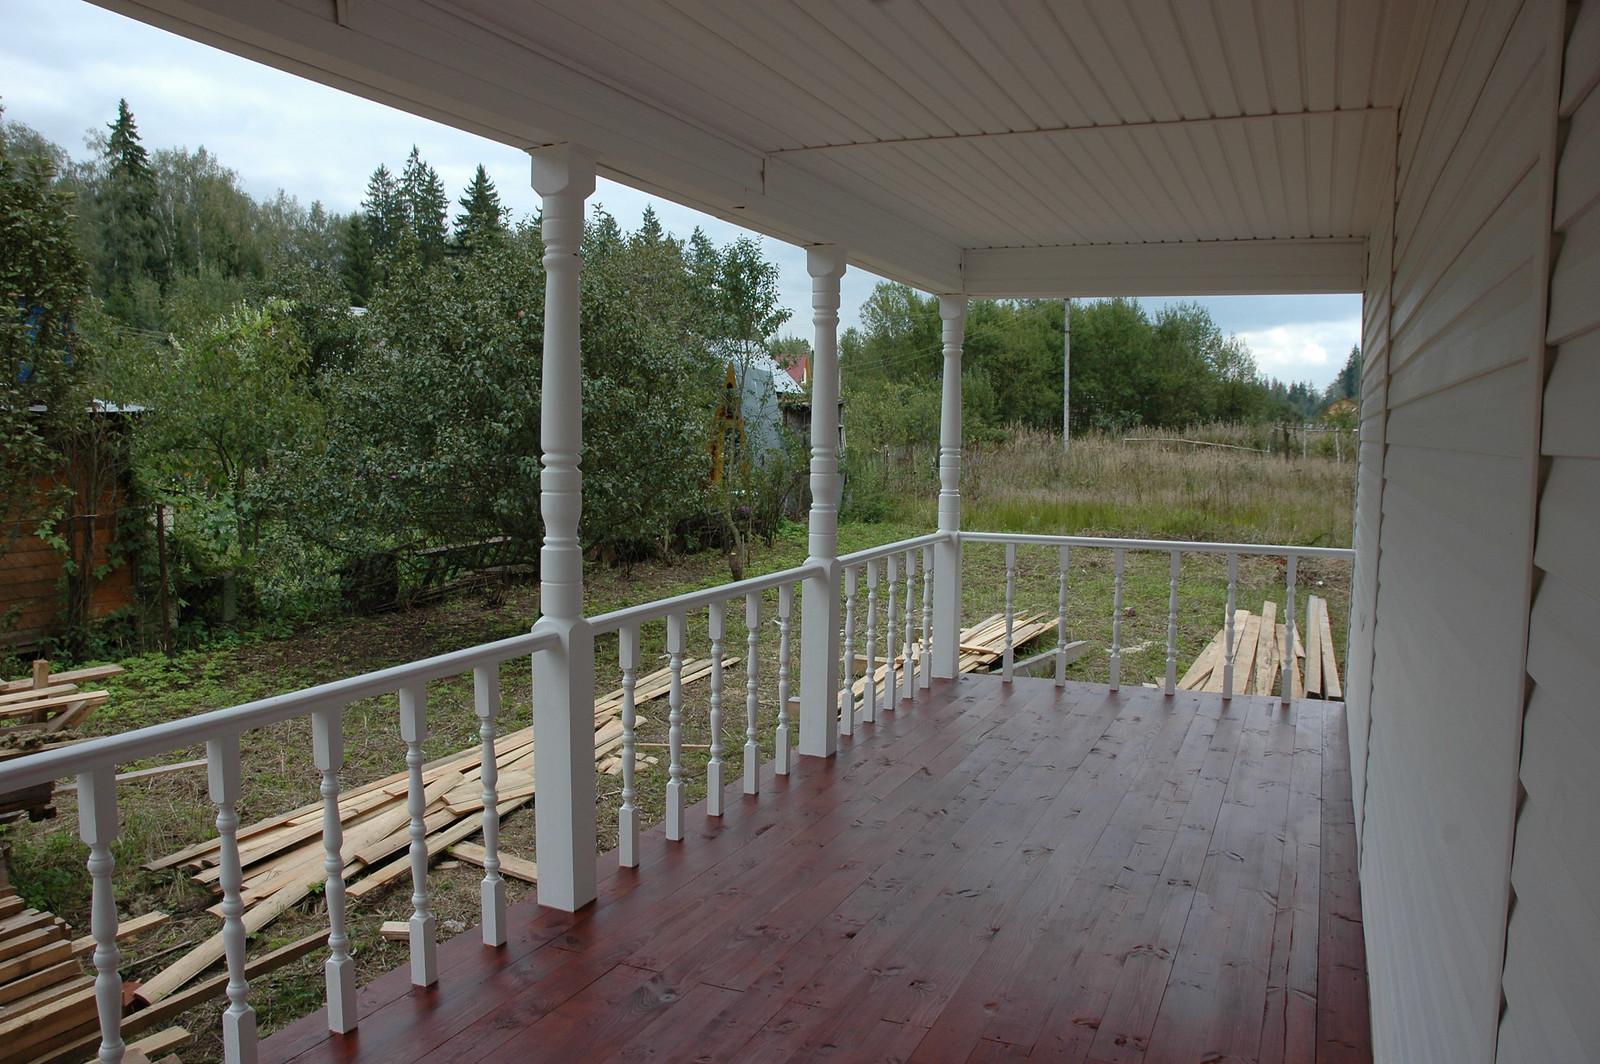 Вид со стороны террасы дома, выполненного из бруса